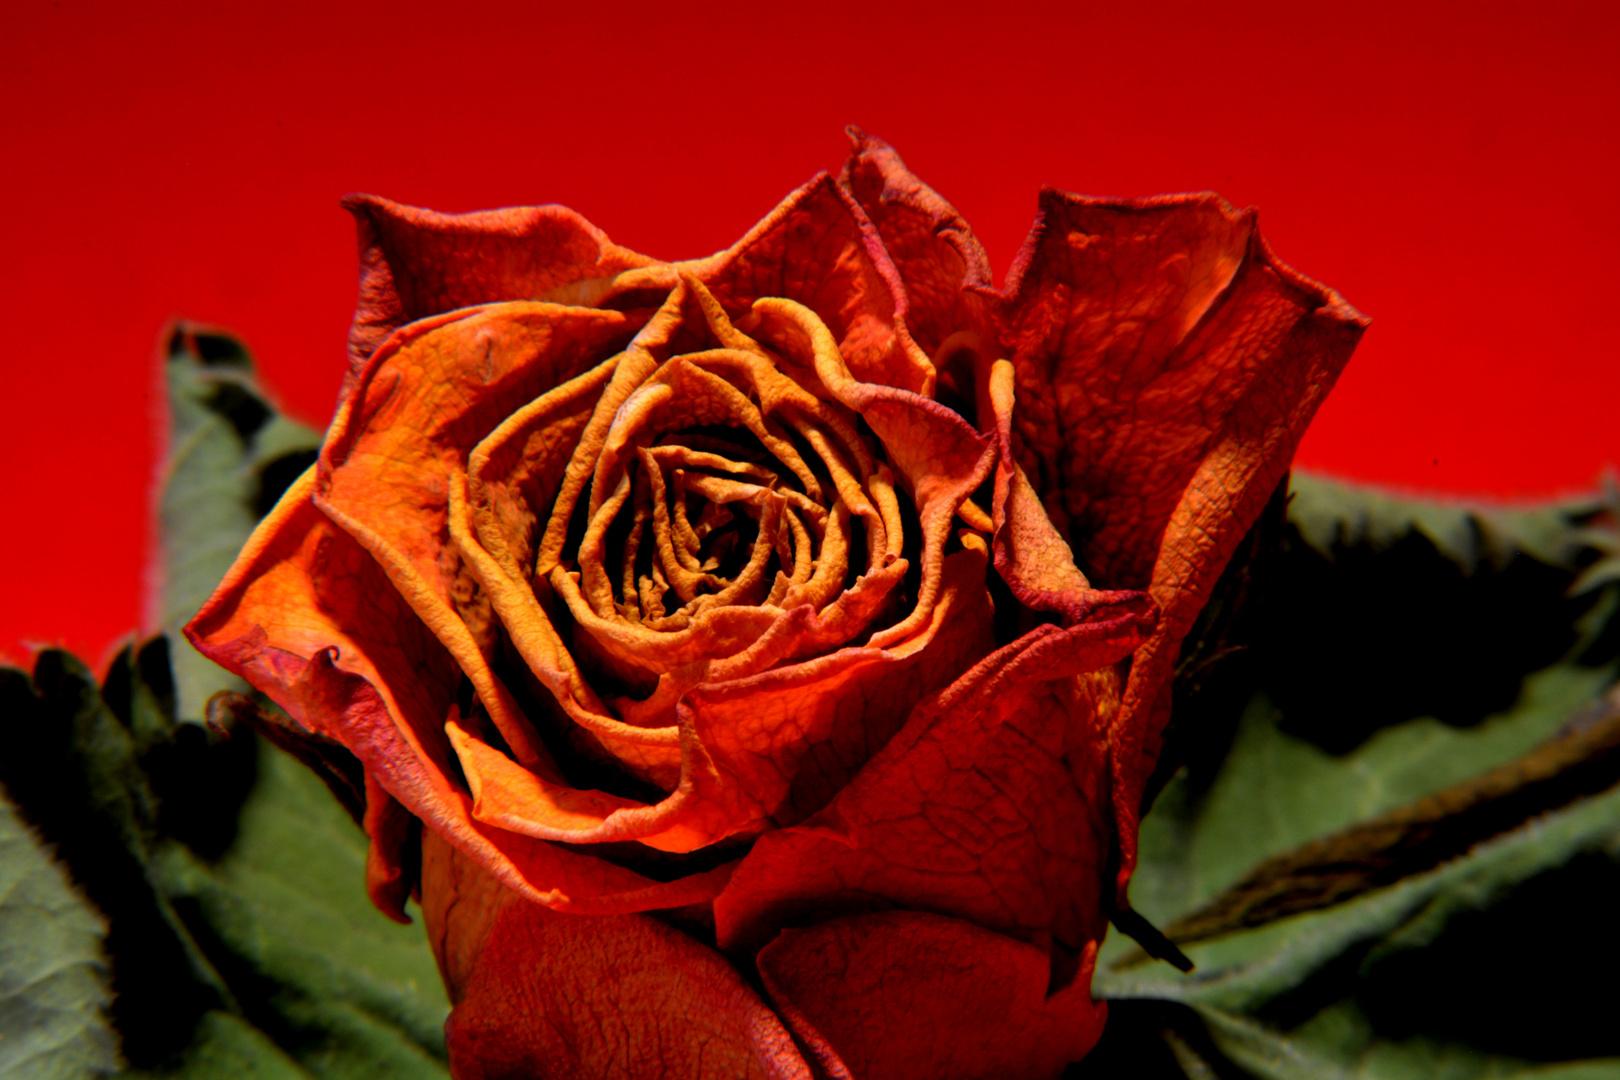 Rose,aber trocken